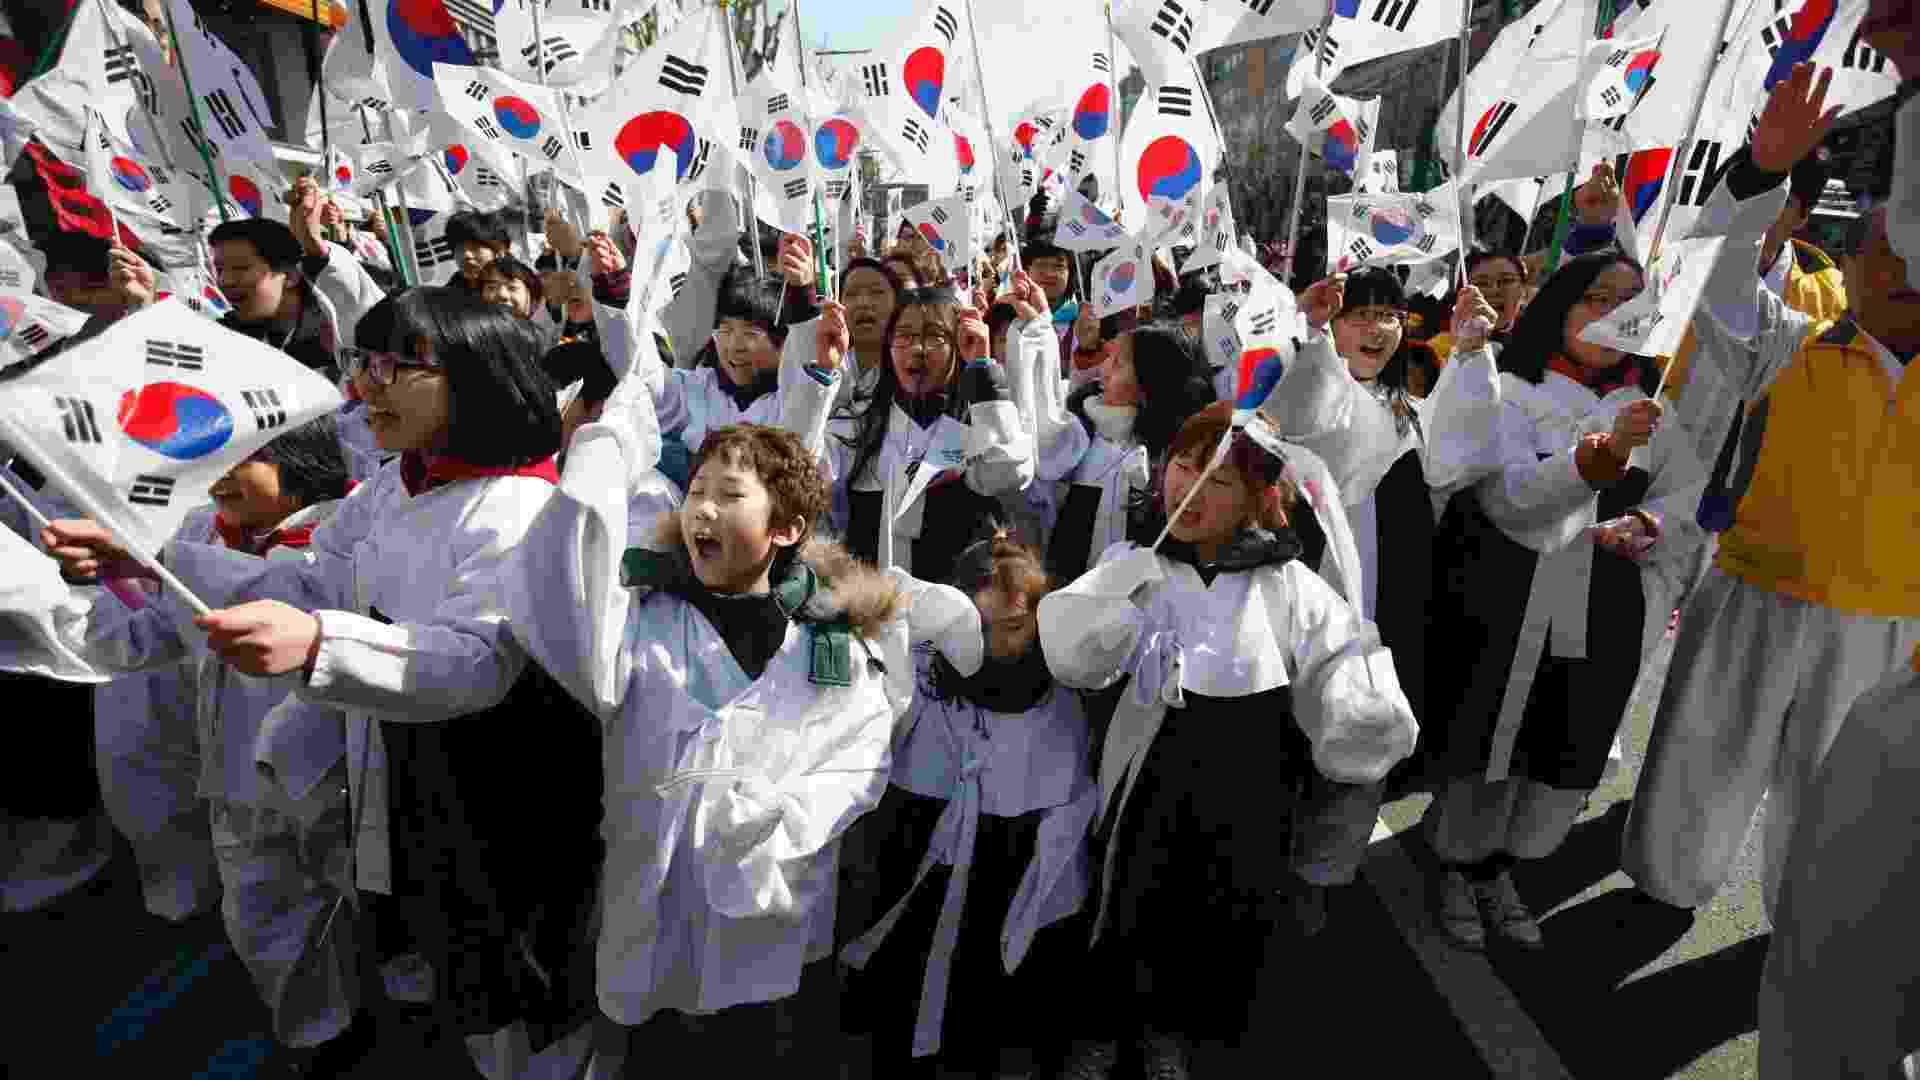 1º COREIA DO SUL - Apesar de não ter tido um crescimento econômico tão bom quanto a China, a Coreia do Sul teve os maiores ganhos no valor do IDH no período de 1990 a 2012. Criou muitos empregos, investiu em desenvolvimento de tecnologias e possui altos índices educacionais da população. Seu índice de IDH subiu de 0.749 em 1990 para 0.909 em 2012, colocando a Coreia do Sul em primeiro lugar - Kim Hong-Ji/Reuters